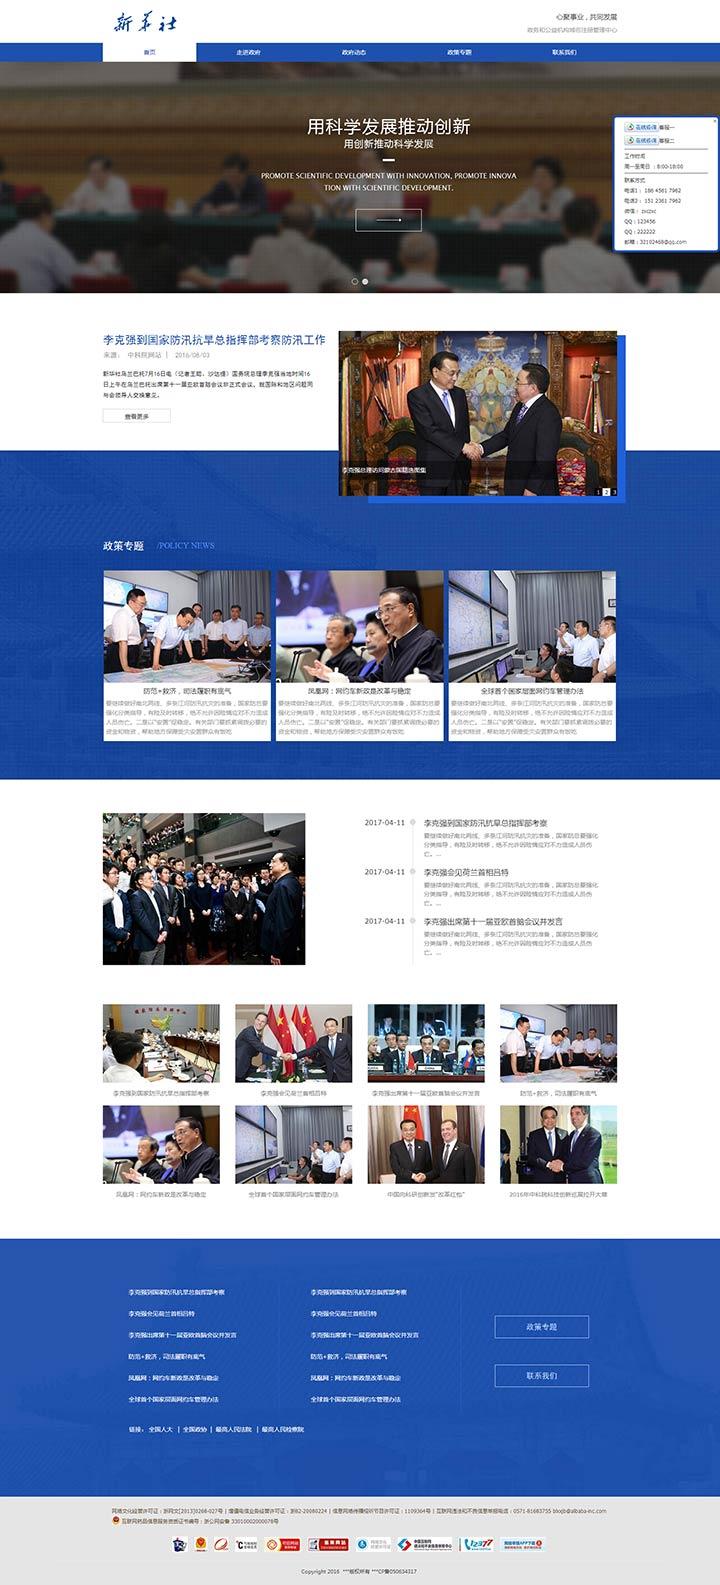 新华社网站模板